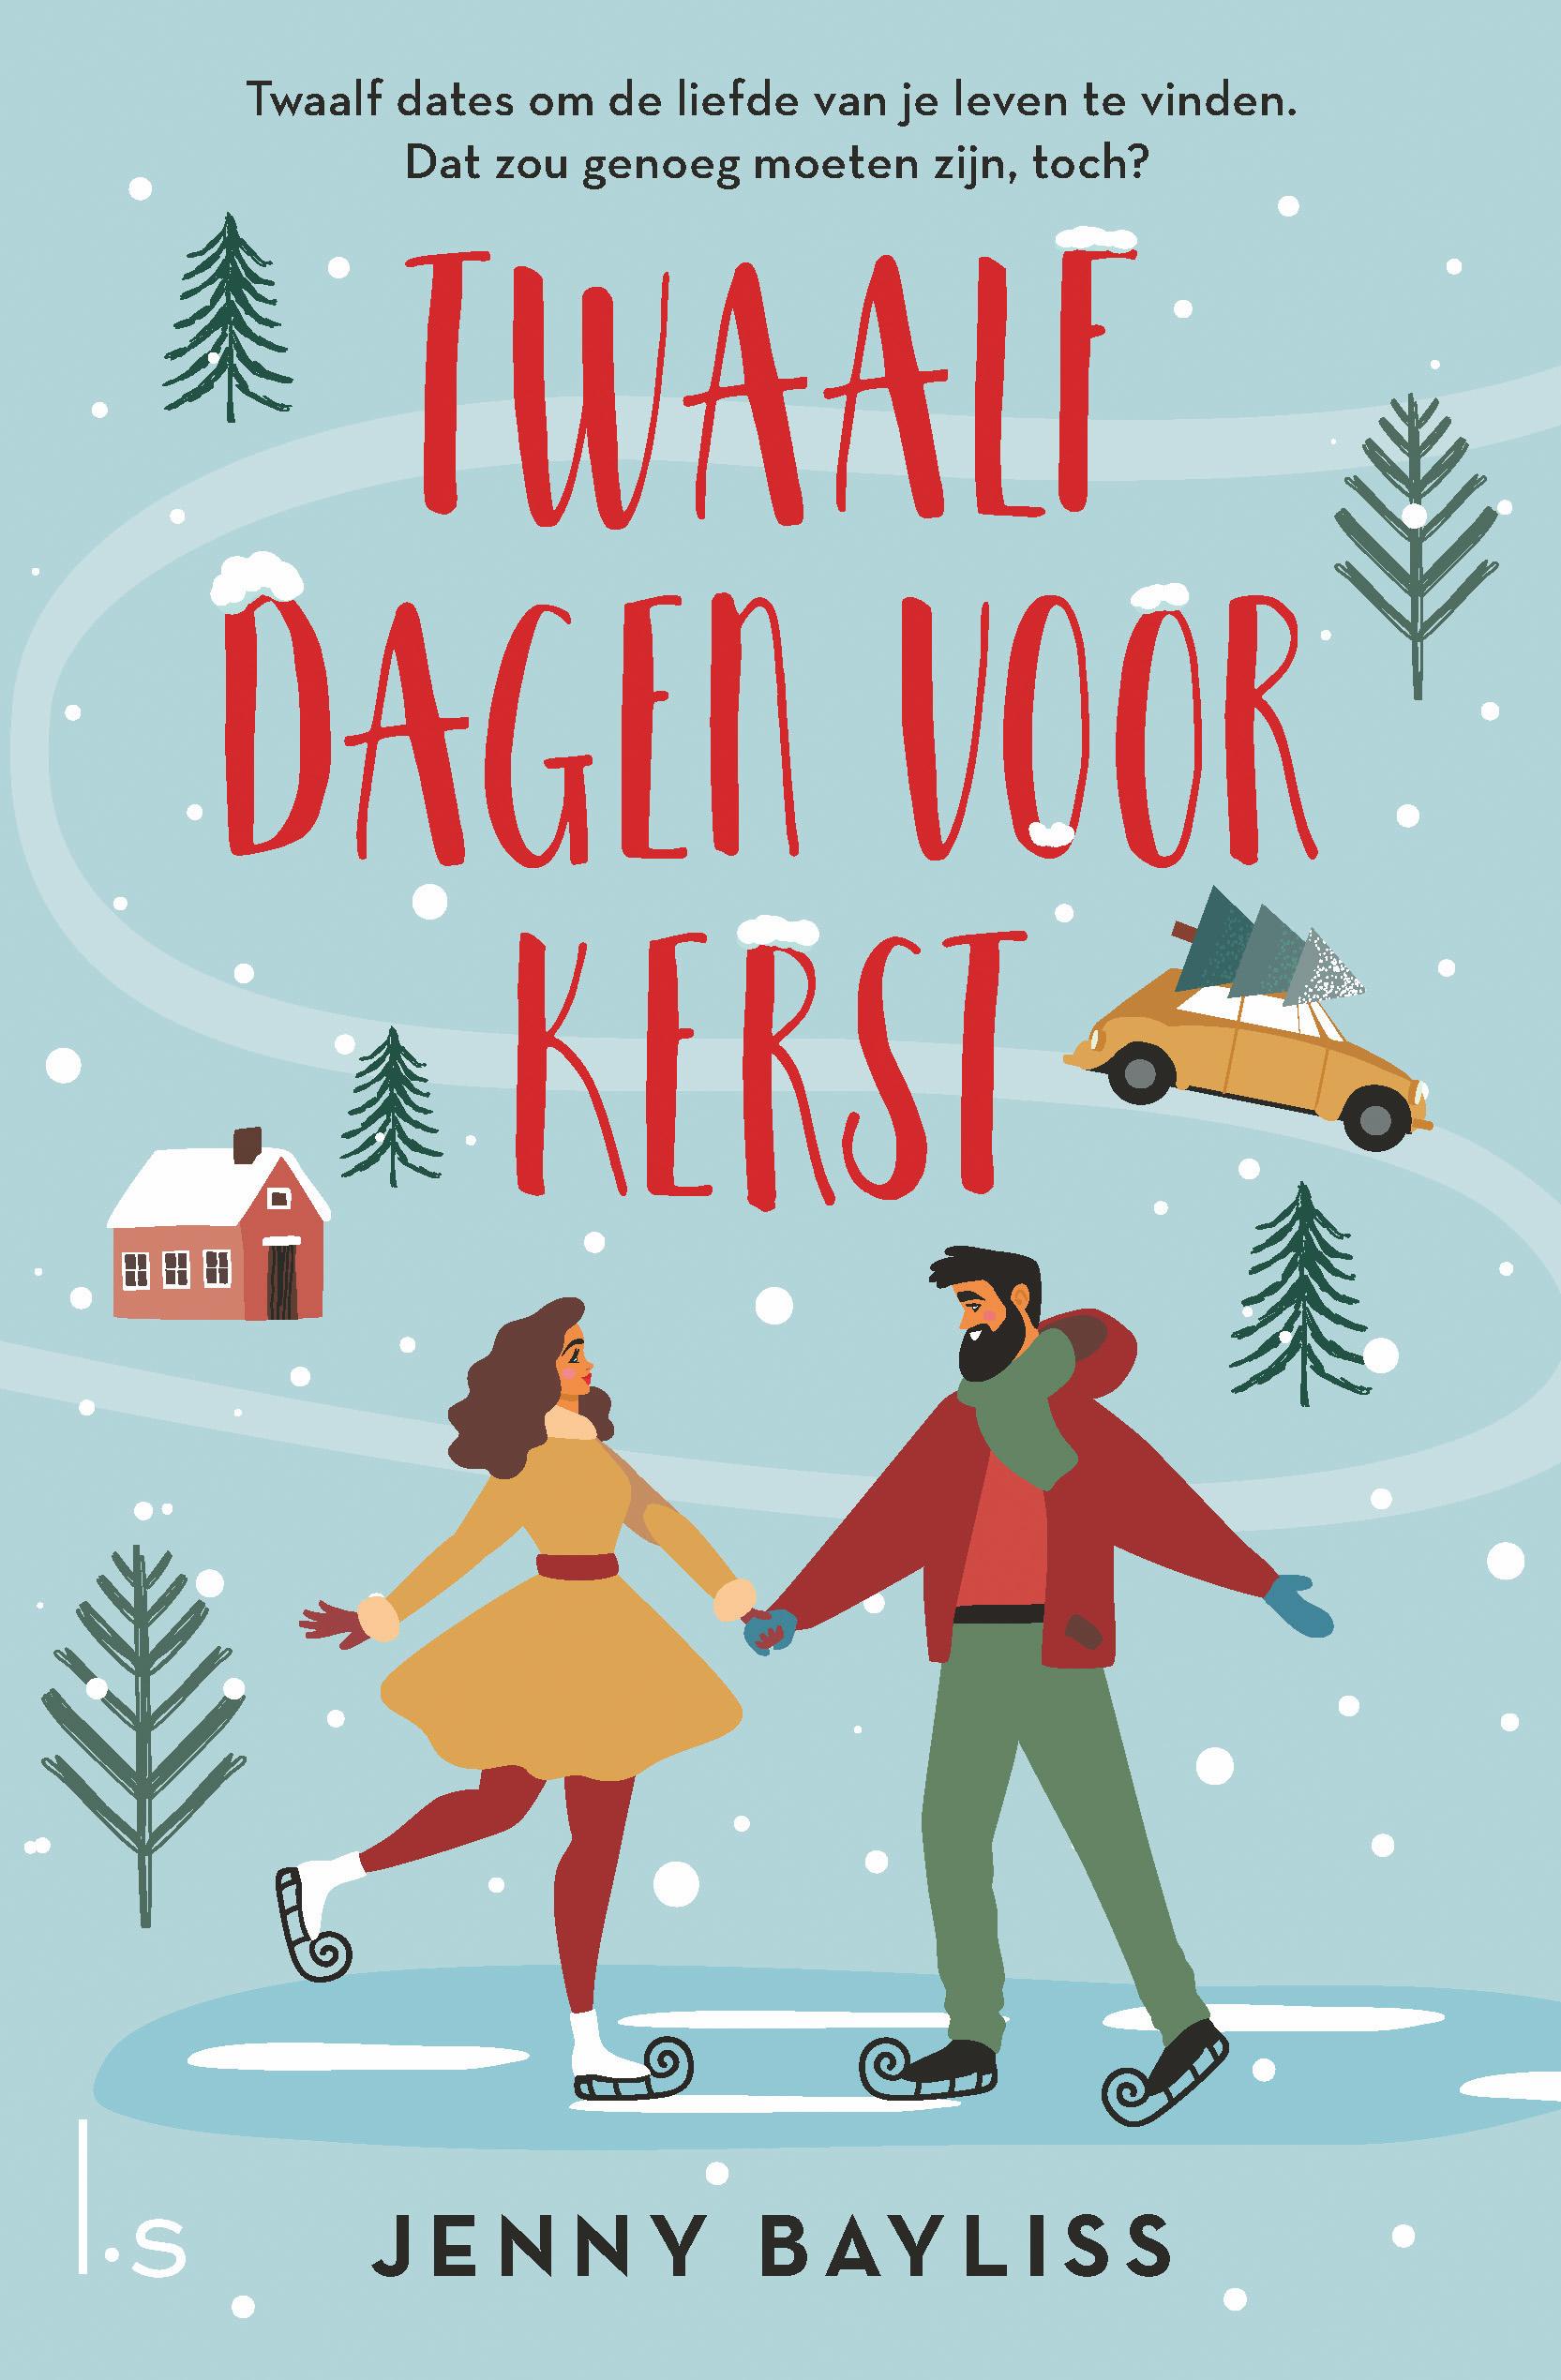 Twaalf dagen voor kerst - boekenflits